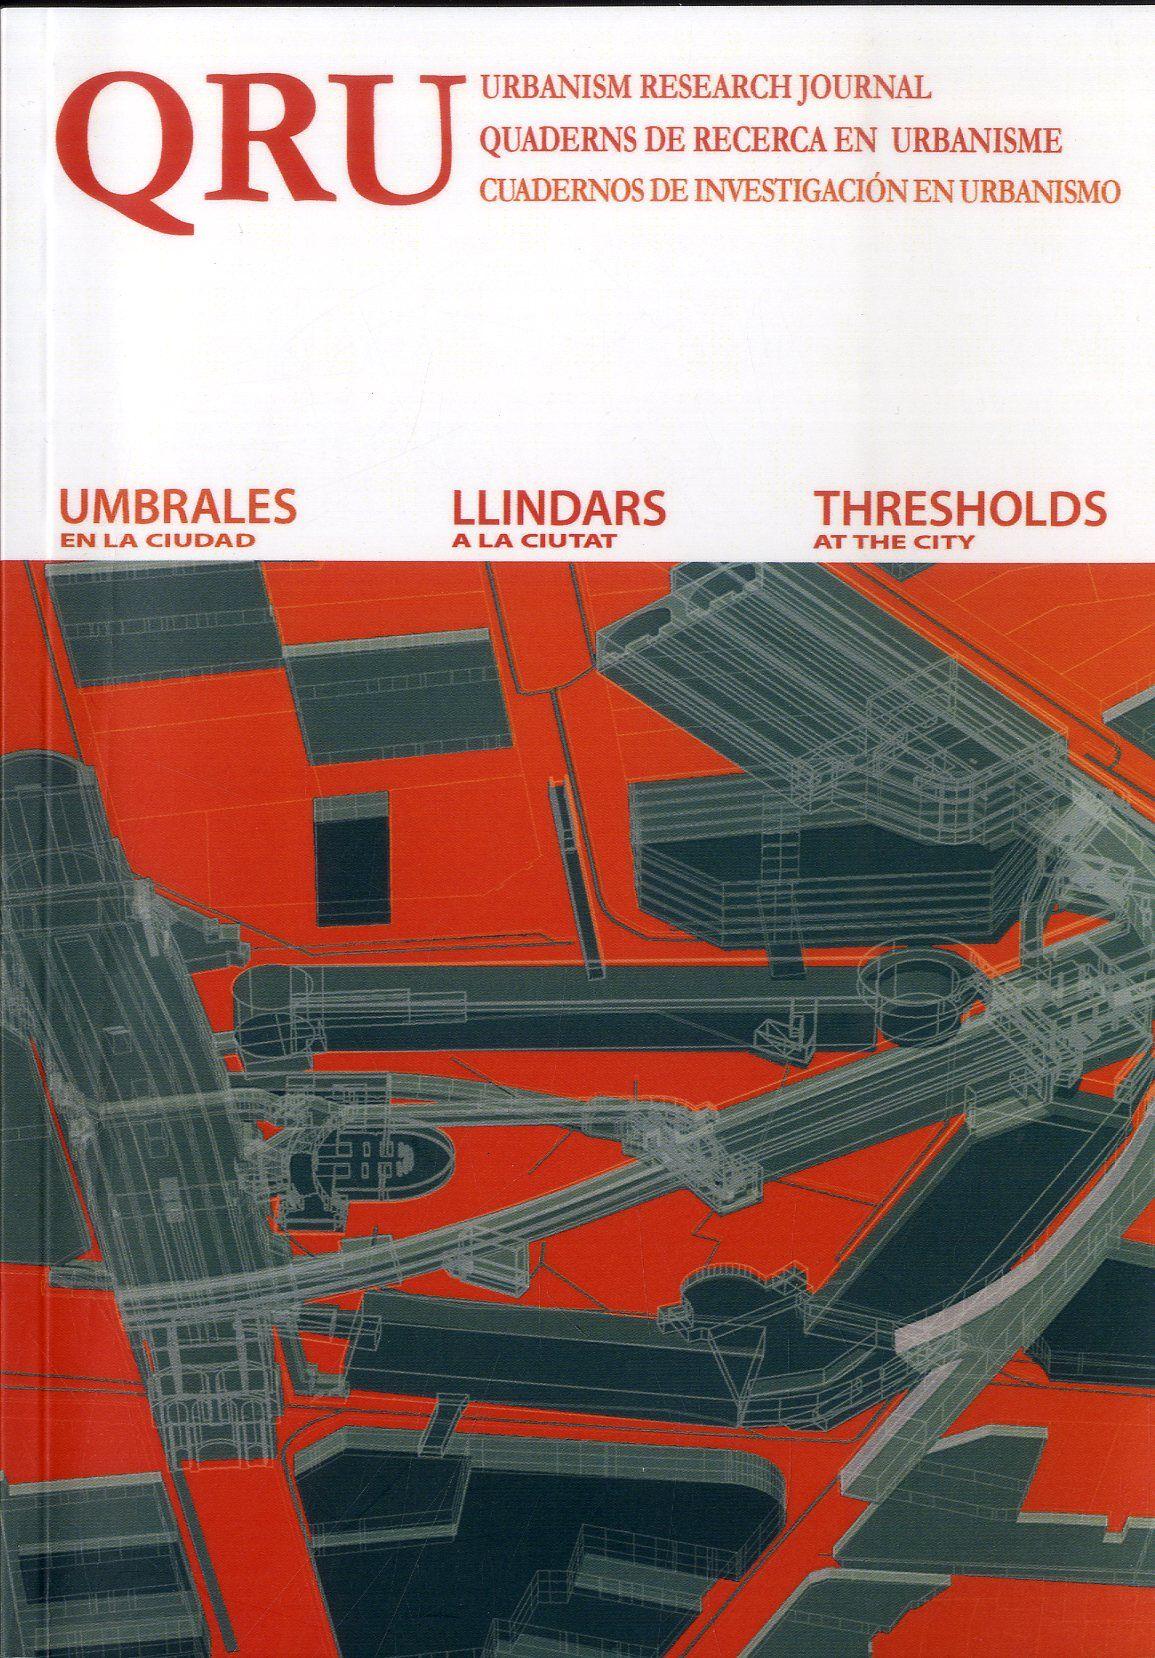 QRU: Quaderns de Recerca en Urbanisme